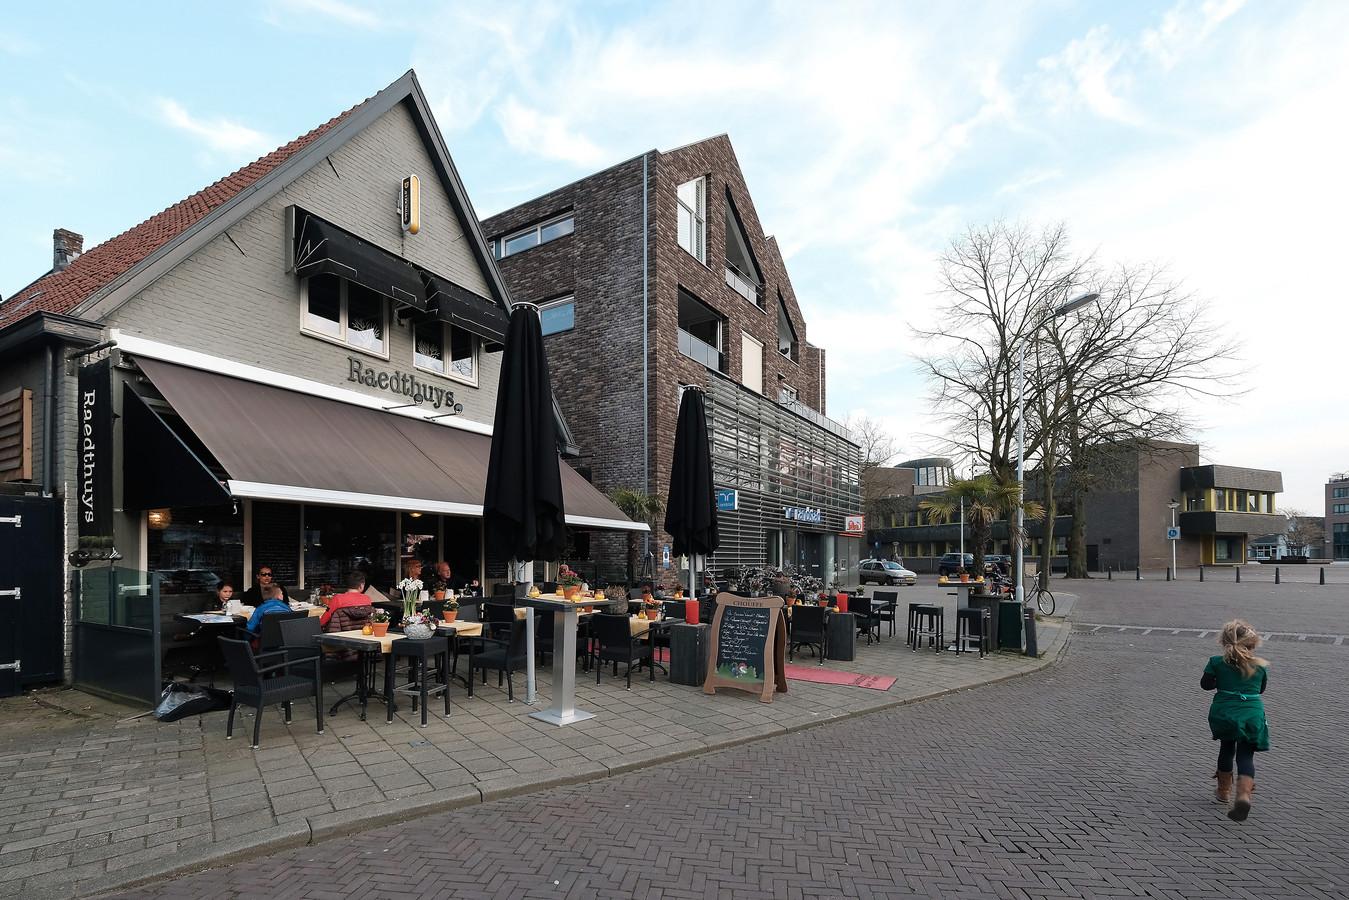 Raedthuys in Doetinchem is nieuw op de lijst van Bib Gourmands van 'goedkope' toprestaurants.